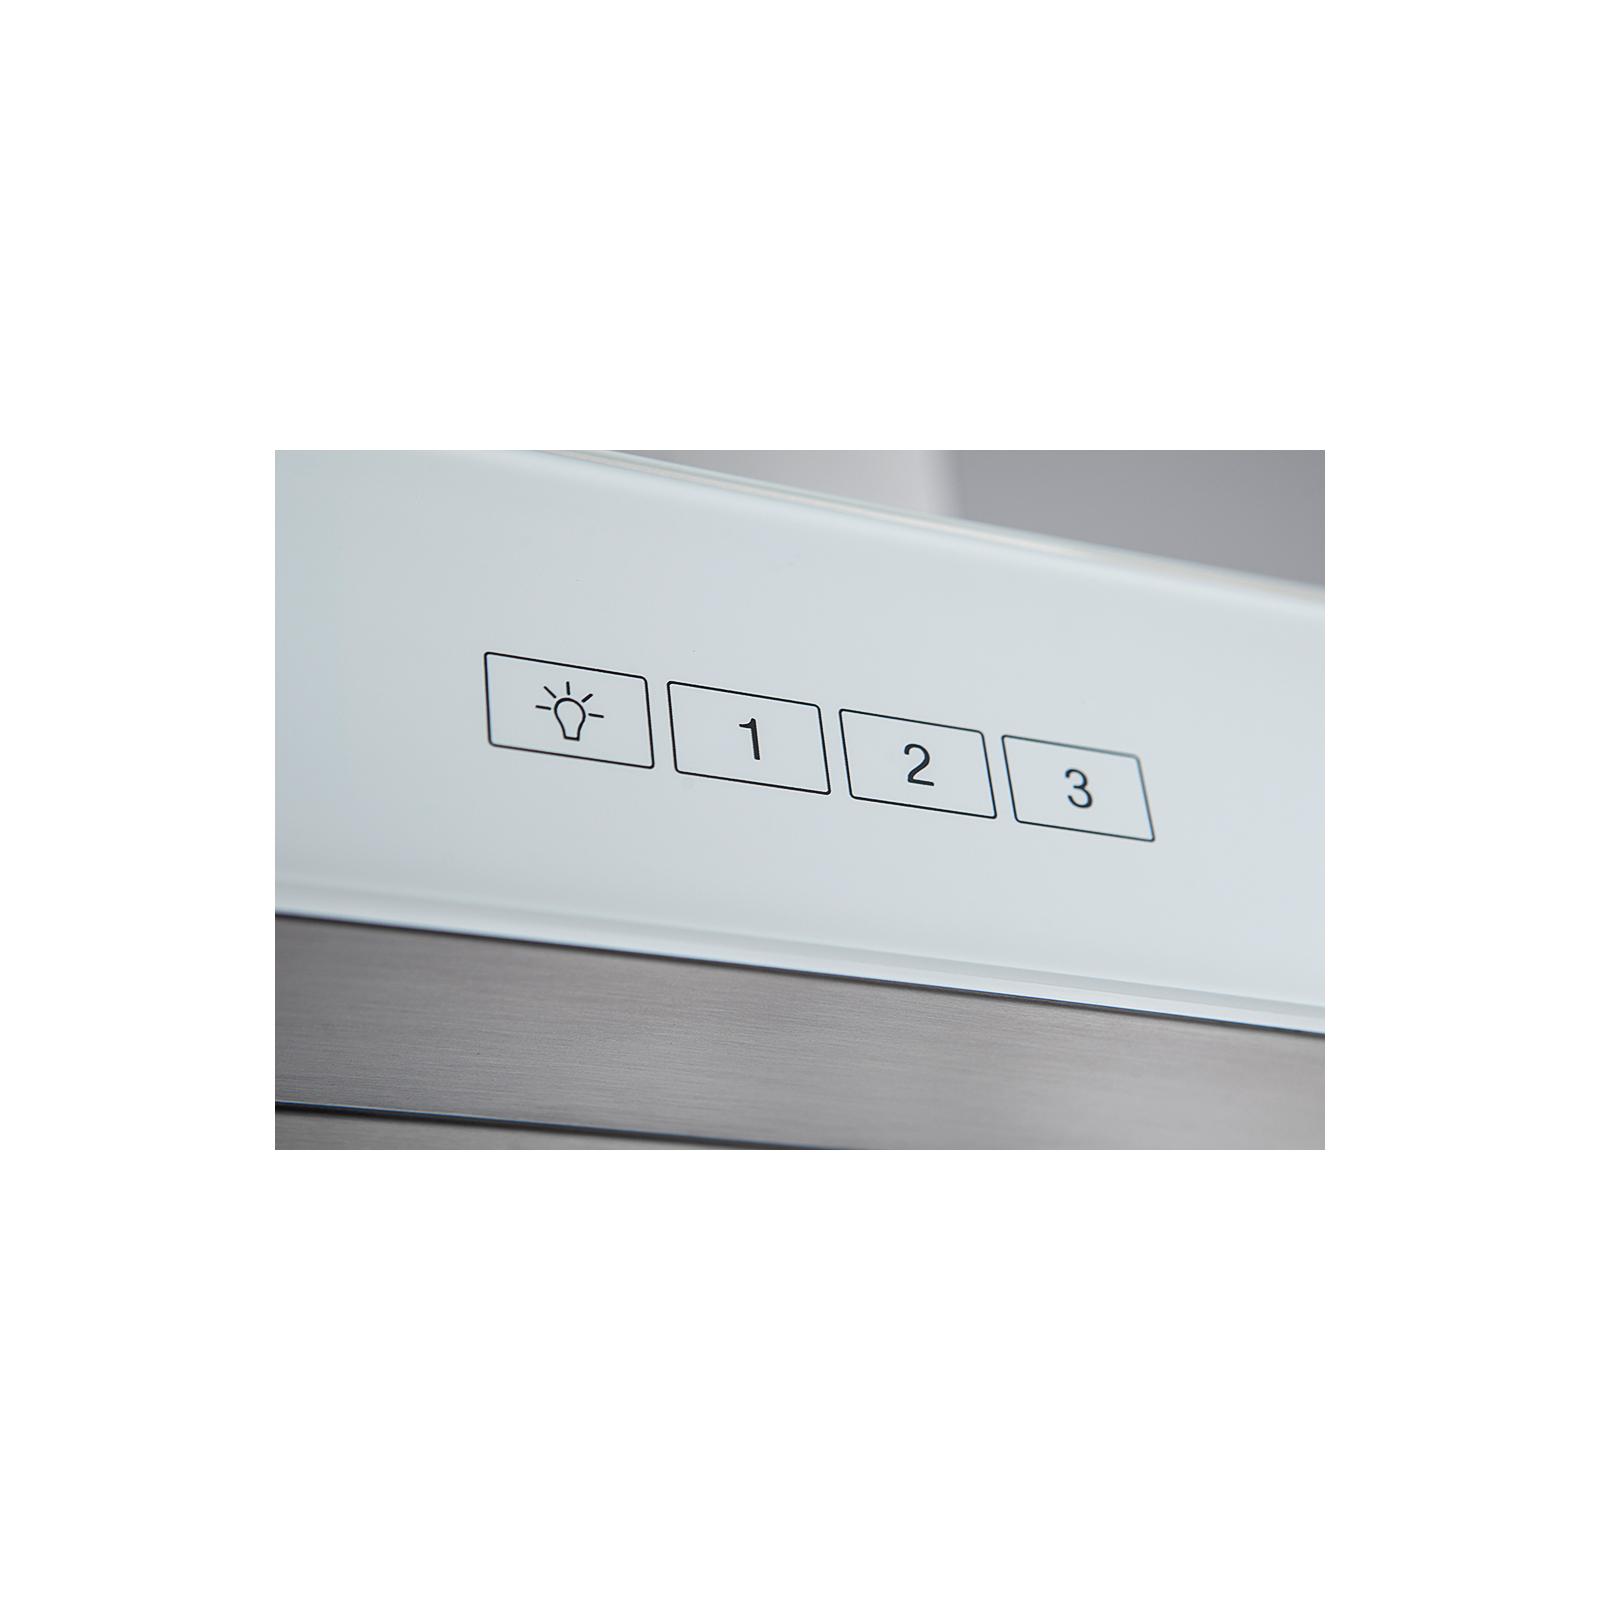 Вытяжка кухонная Interline COLLIDER X/V/W 60 E.S. изображение 3